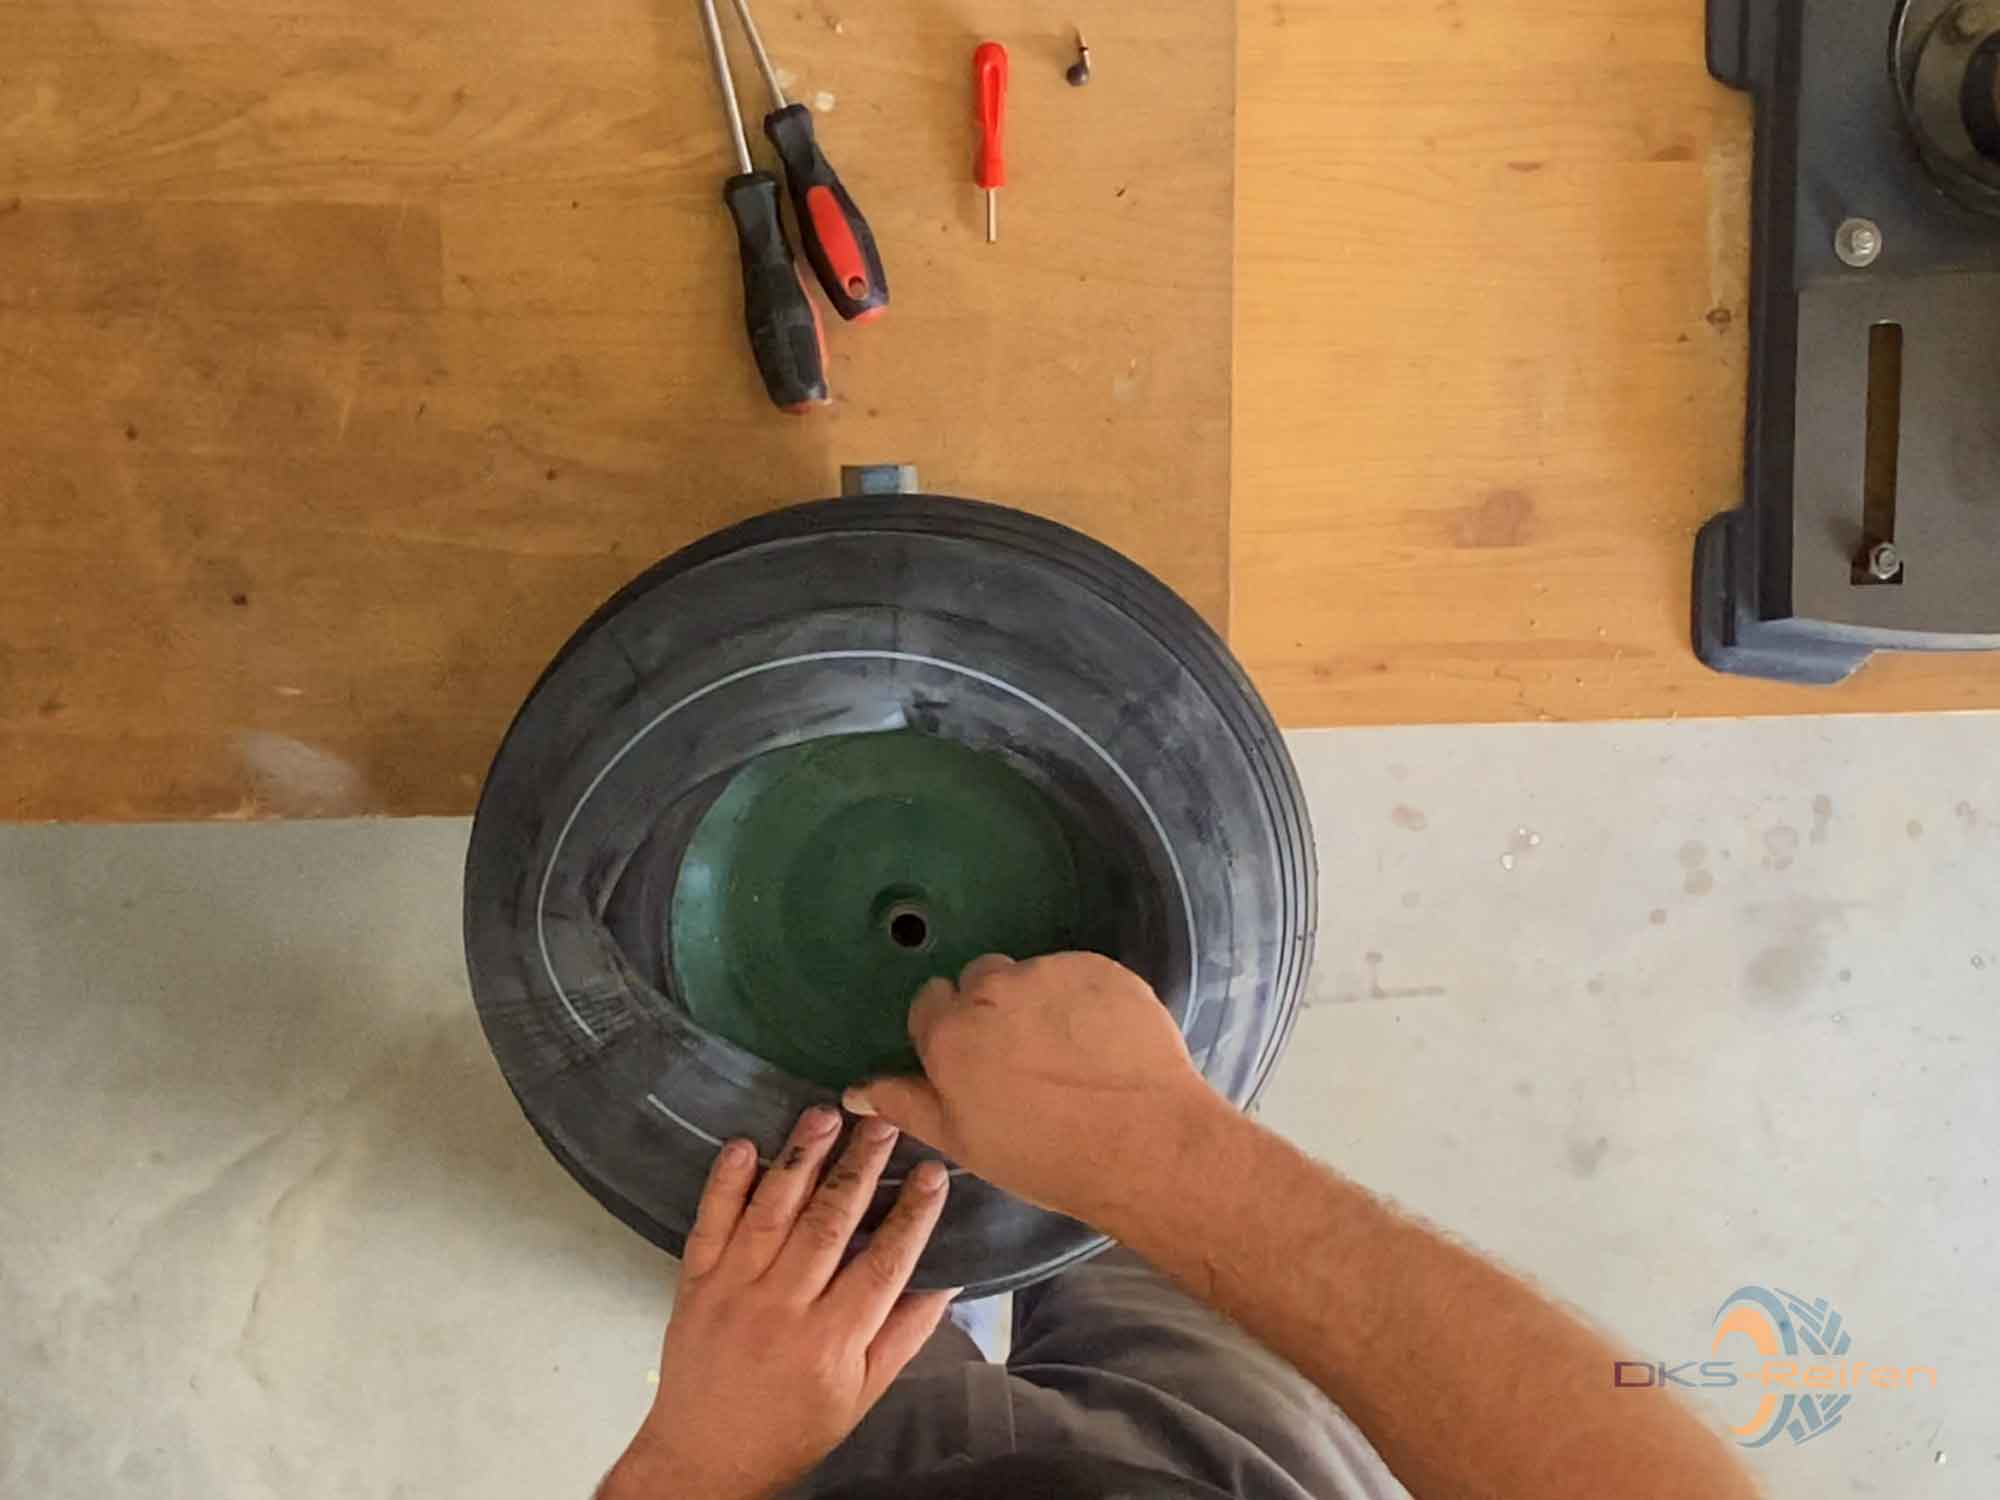 Schubkarrenrad wechseln: Schlauch einlegen Vorbereitung